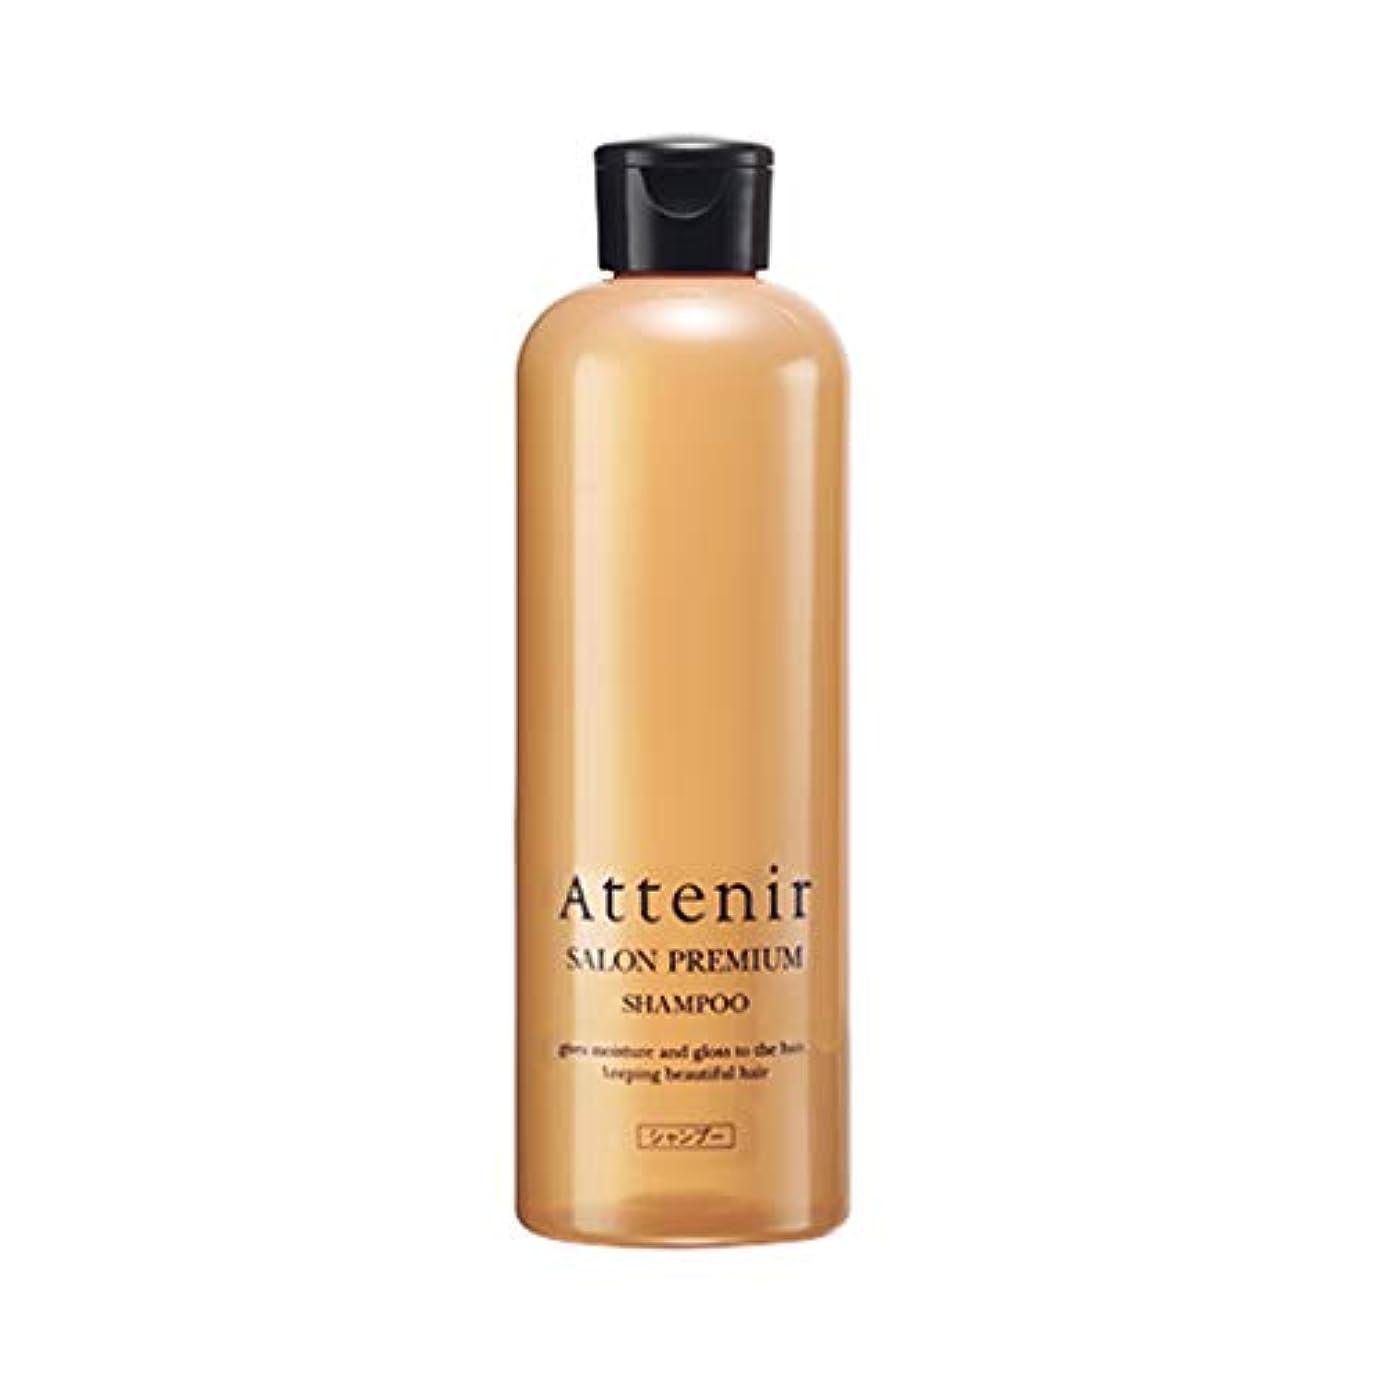 発生器大量ブロックアテニア サロンプレミアム シャンプー グランフローラルの香り 毛髪補強成分配合 300ml